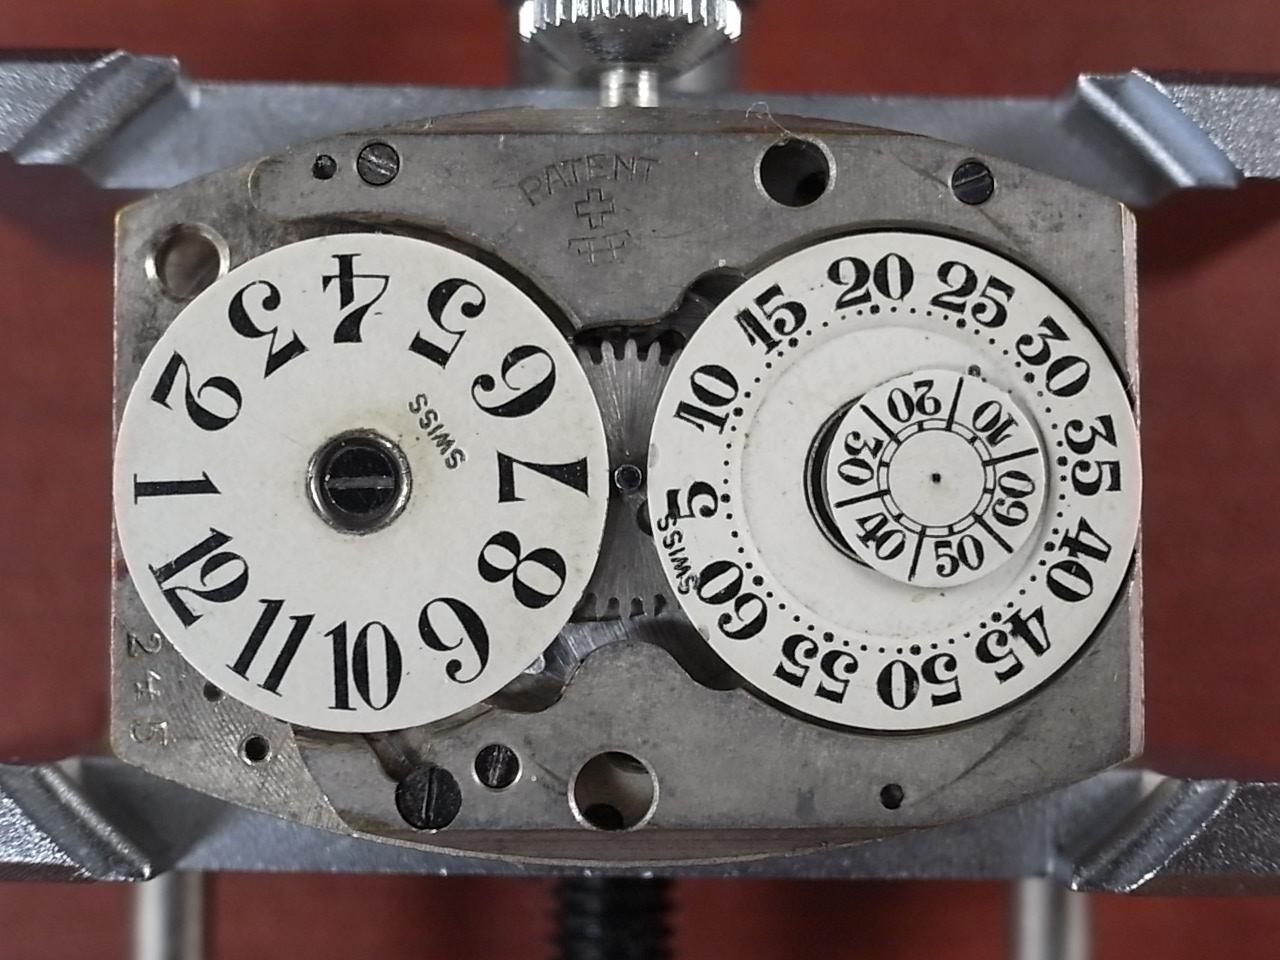 LACO ラコ 鉄仮面 ディスクデジタル ジャンピングアワー アールデコ 1930年代の写真6枚目